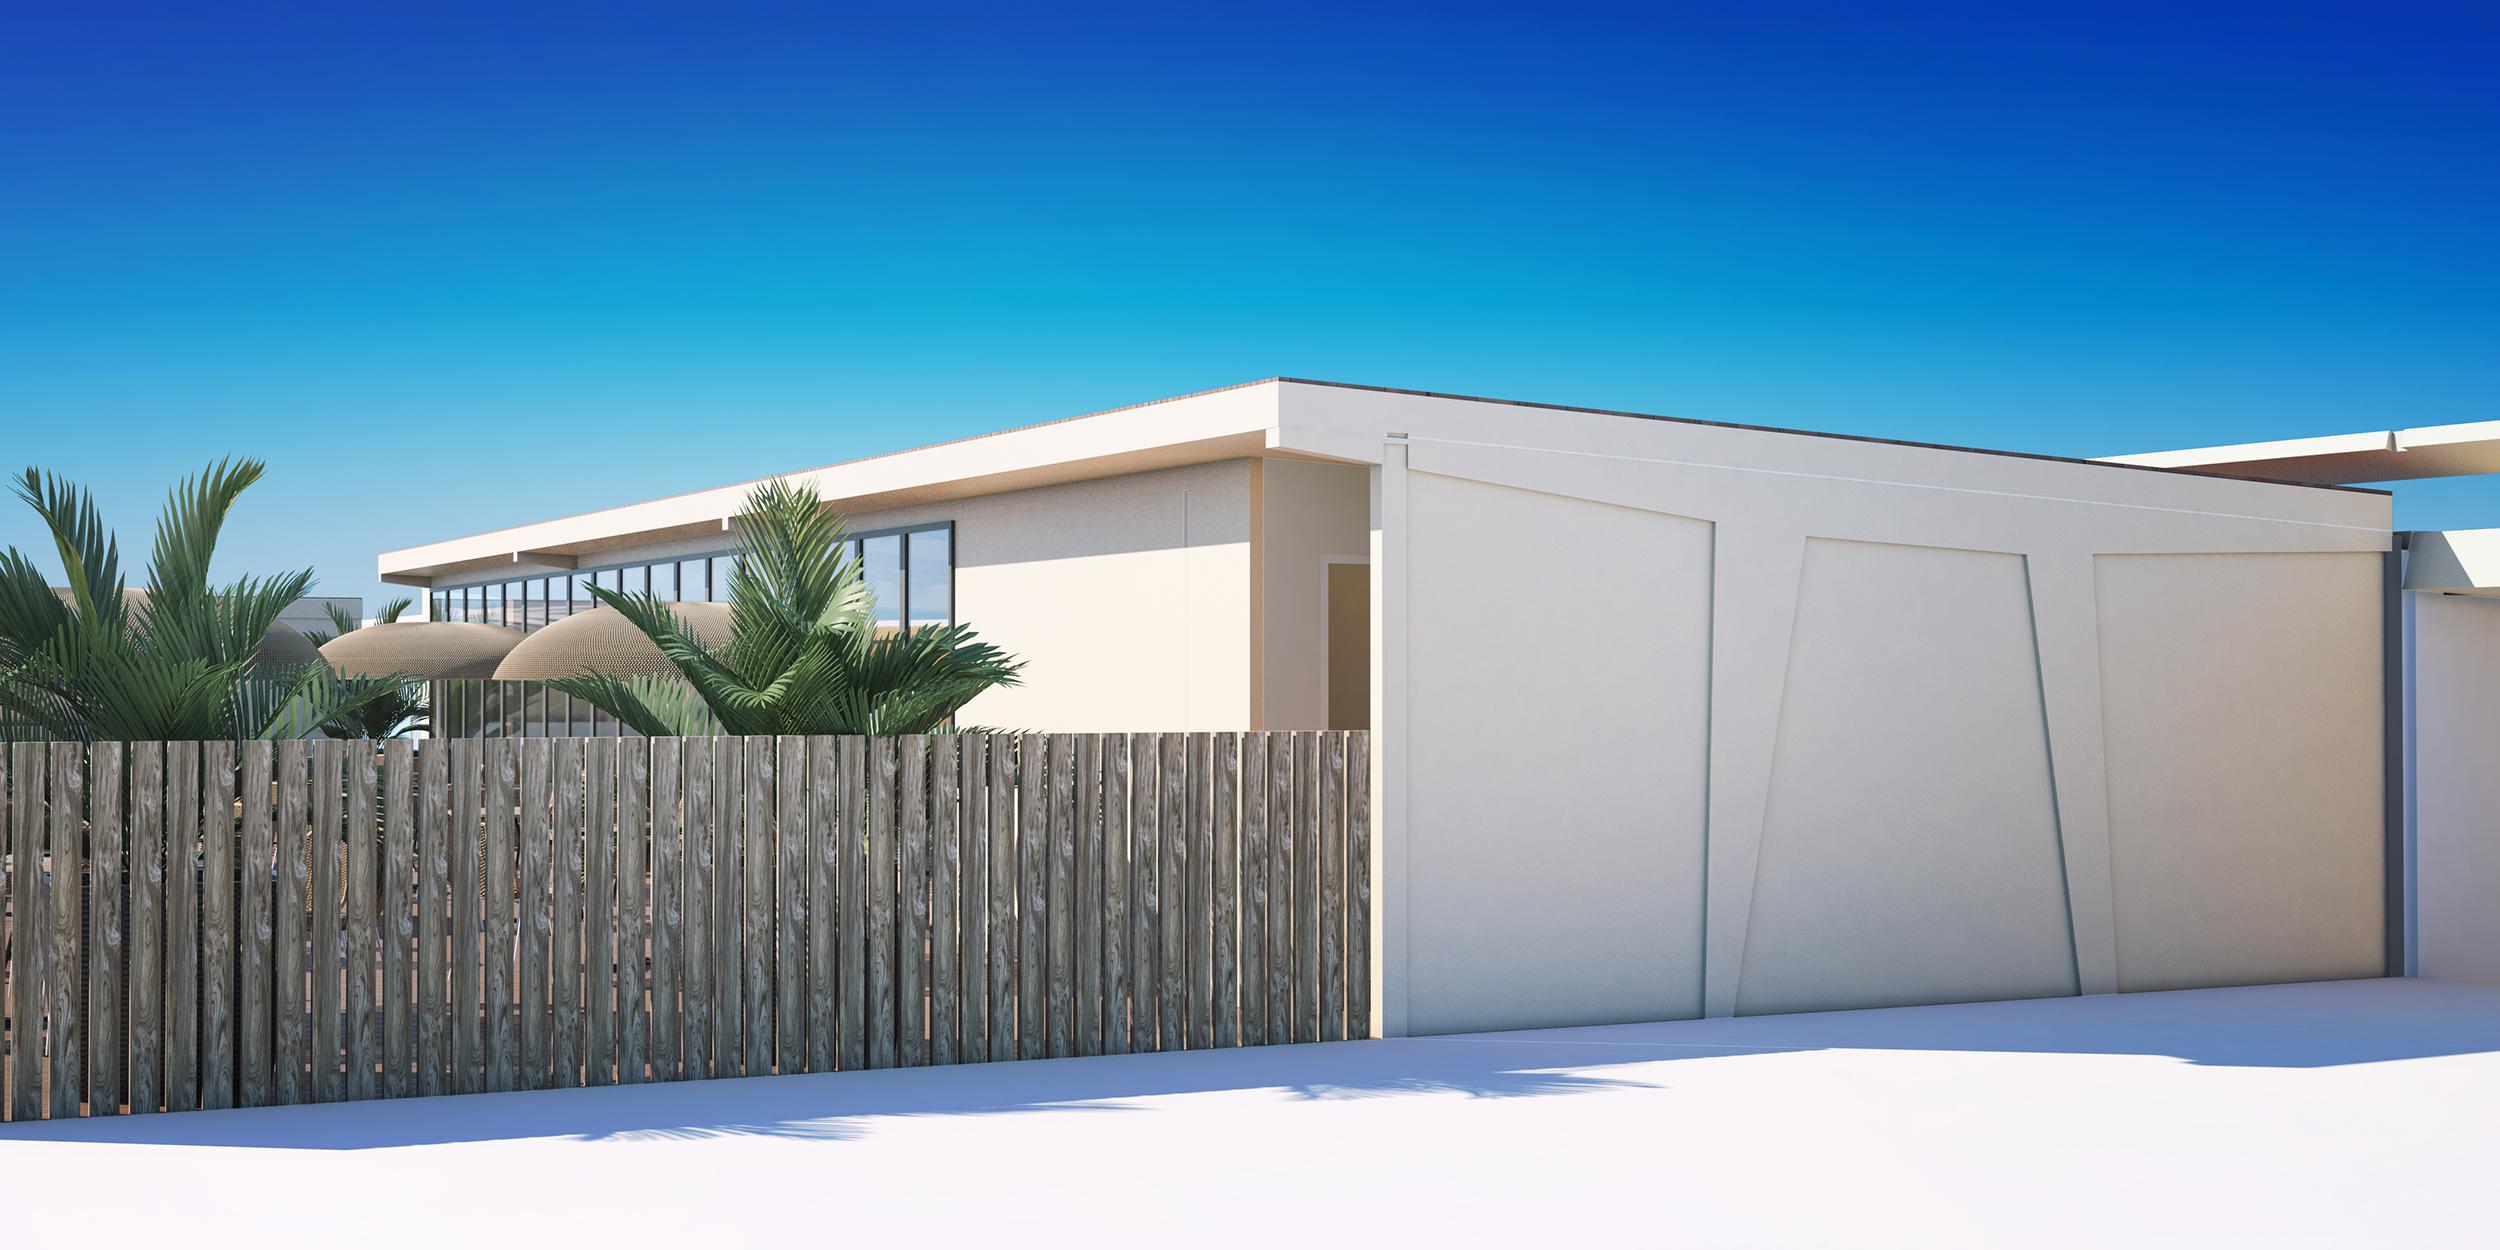 Dripmoon-archvis-graphiste3D-architecture-images-3D-Casino-cannes (5)